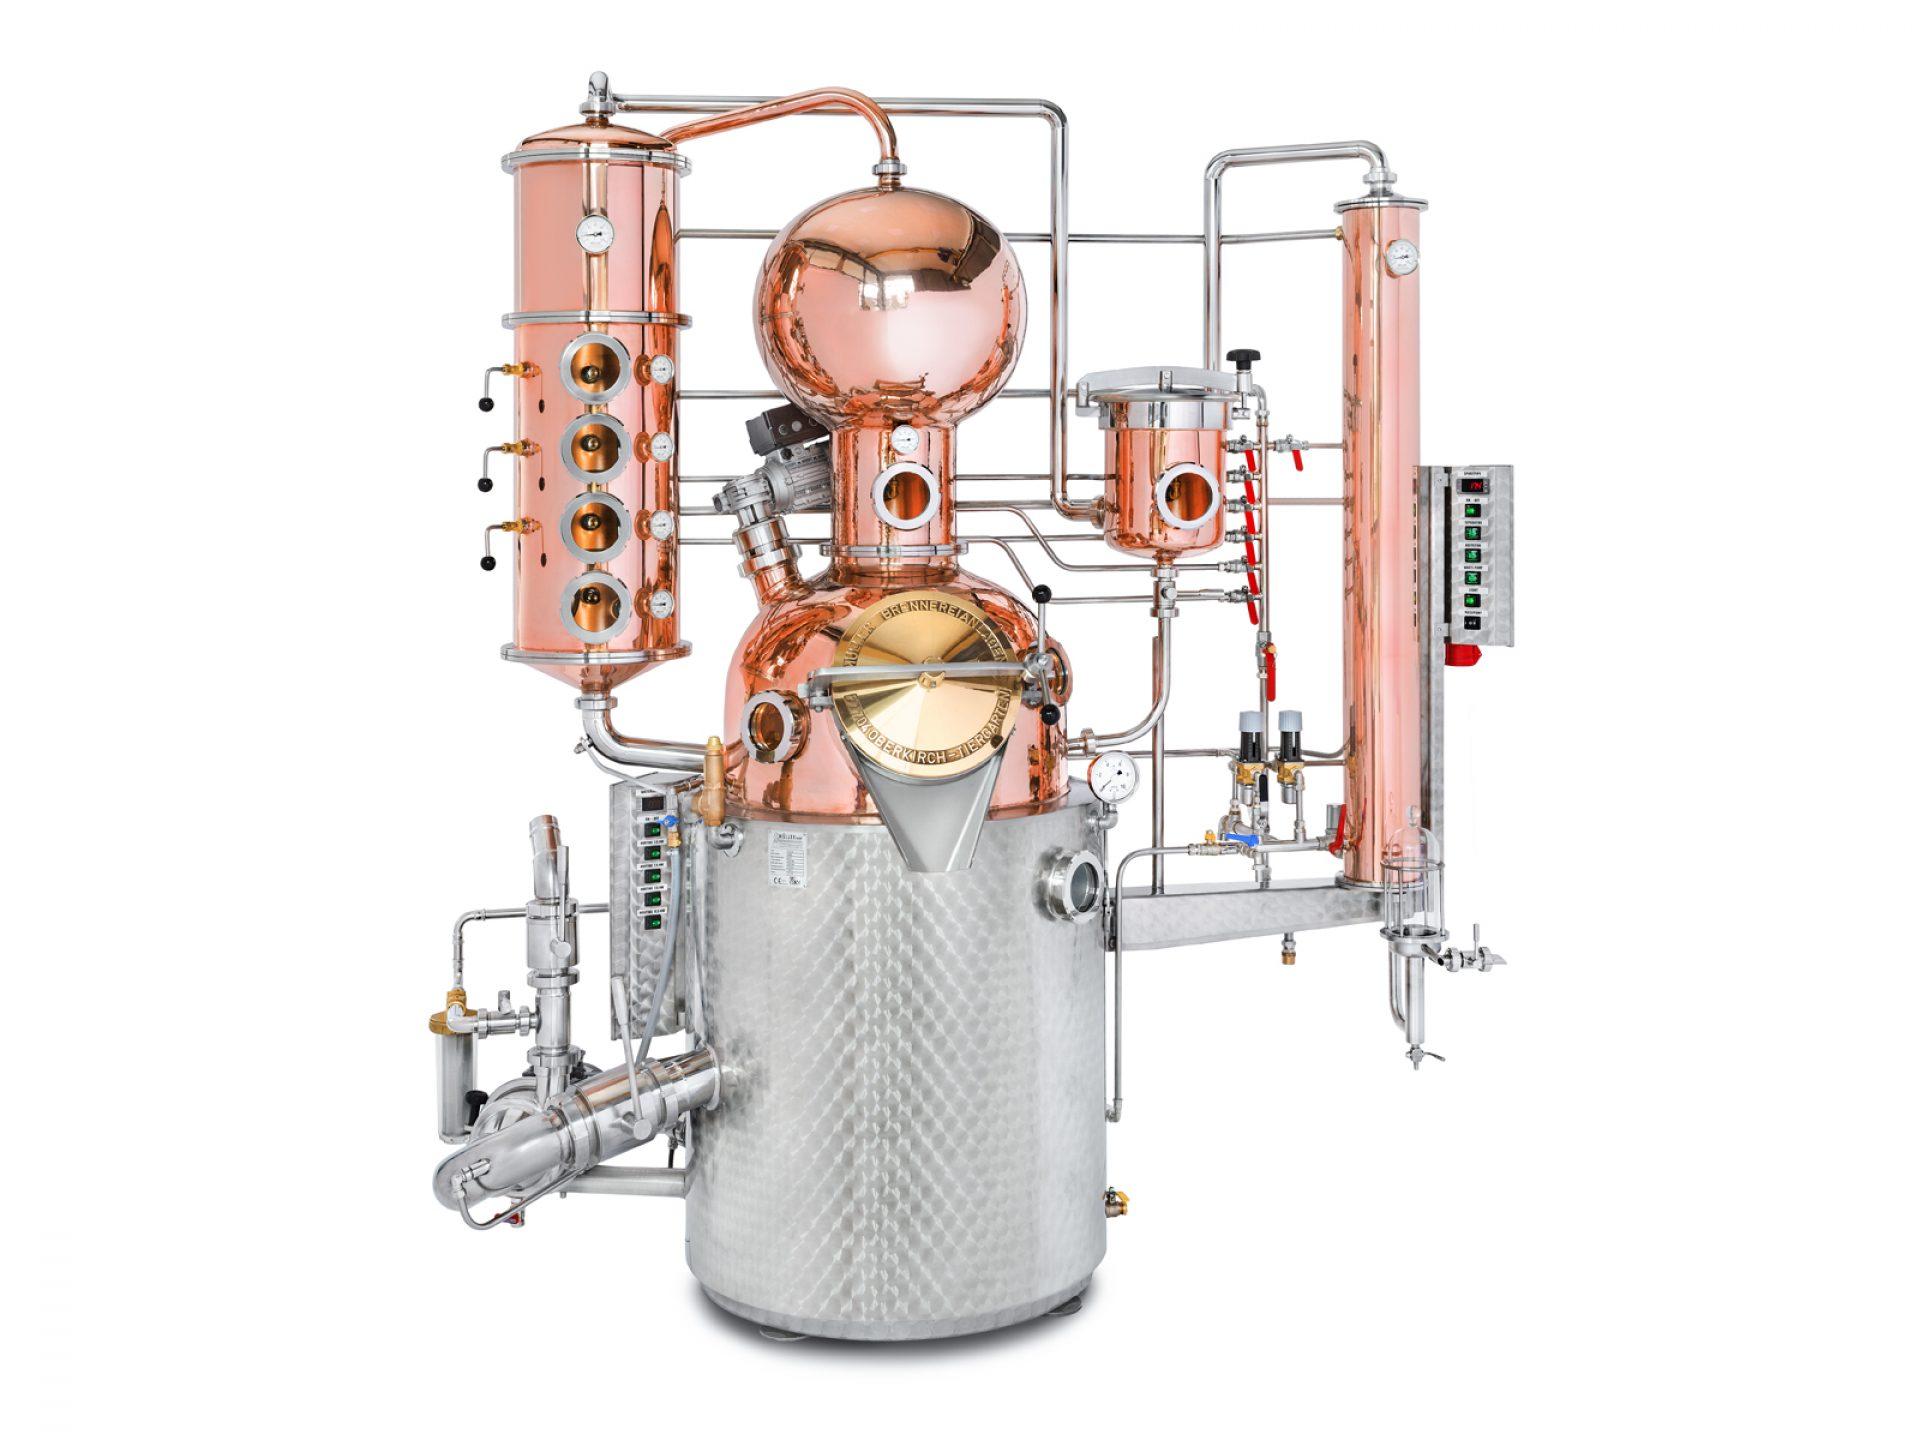 mueller-aroma-brennereianlagen-slider-1920-1200-4